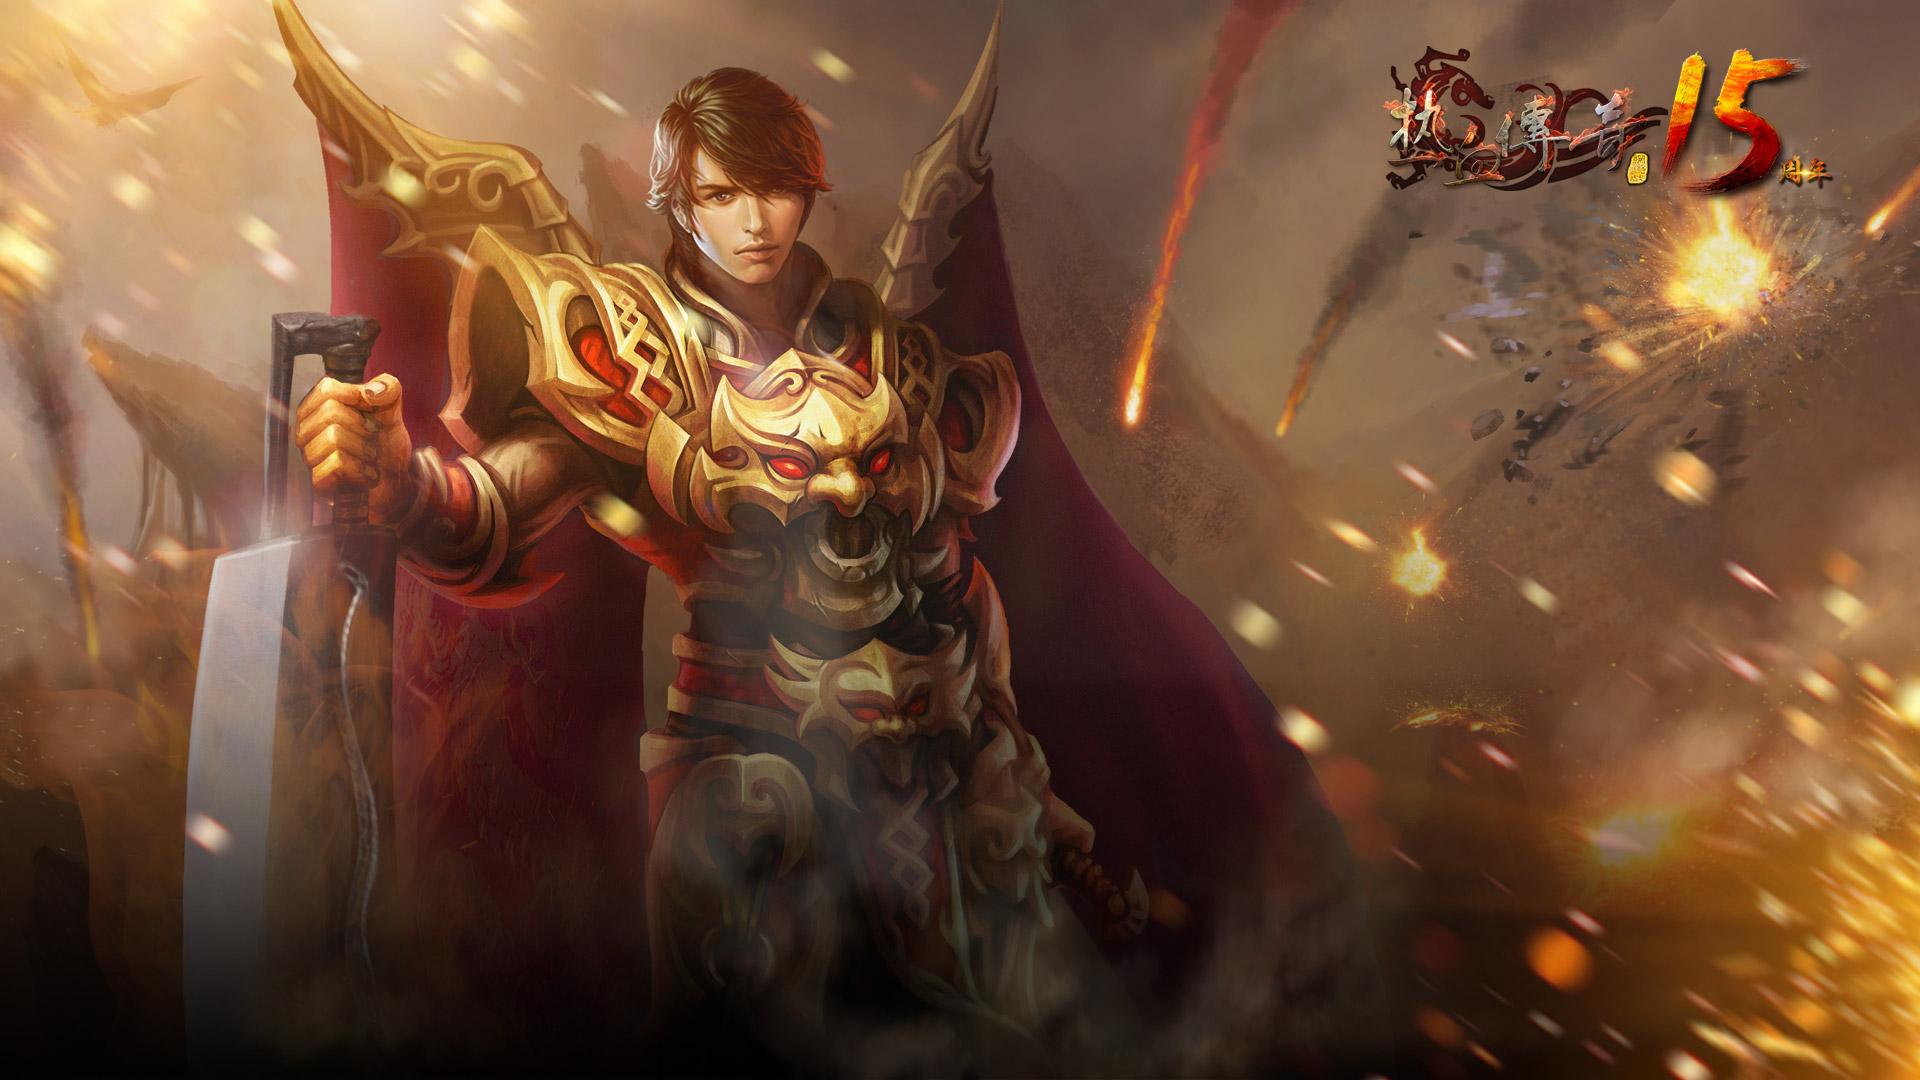 精美写实画面zhaosf.com游戏截图赏析